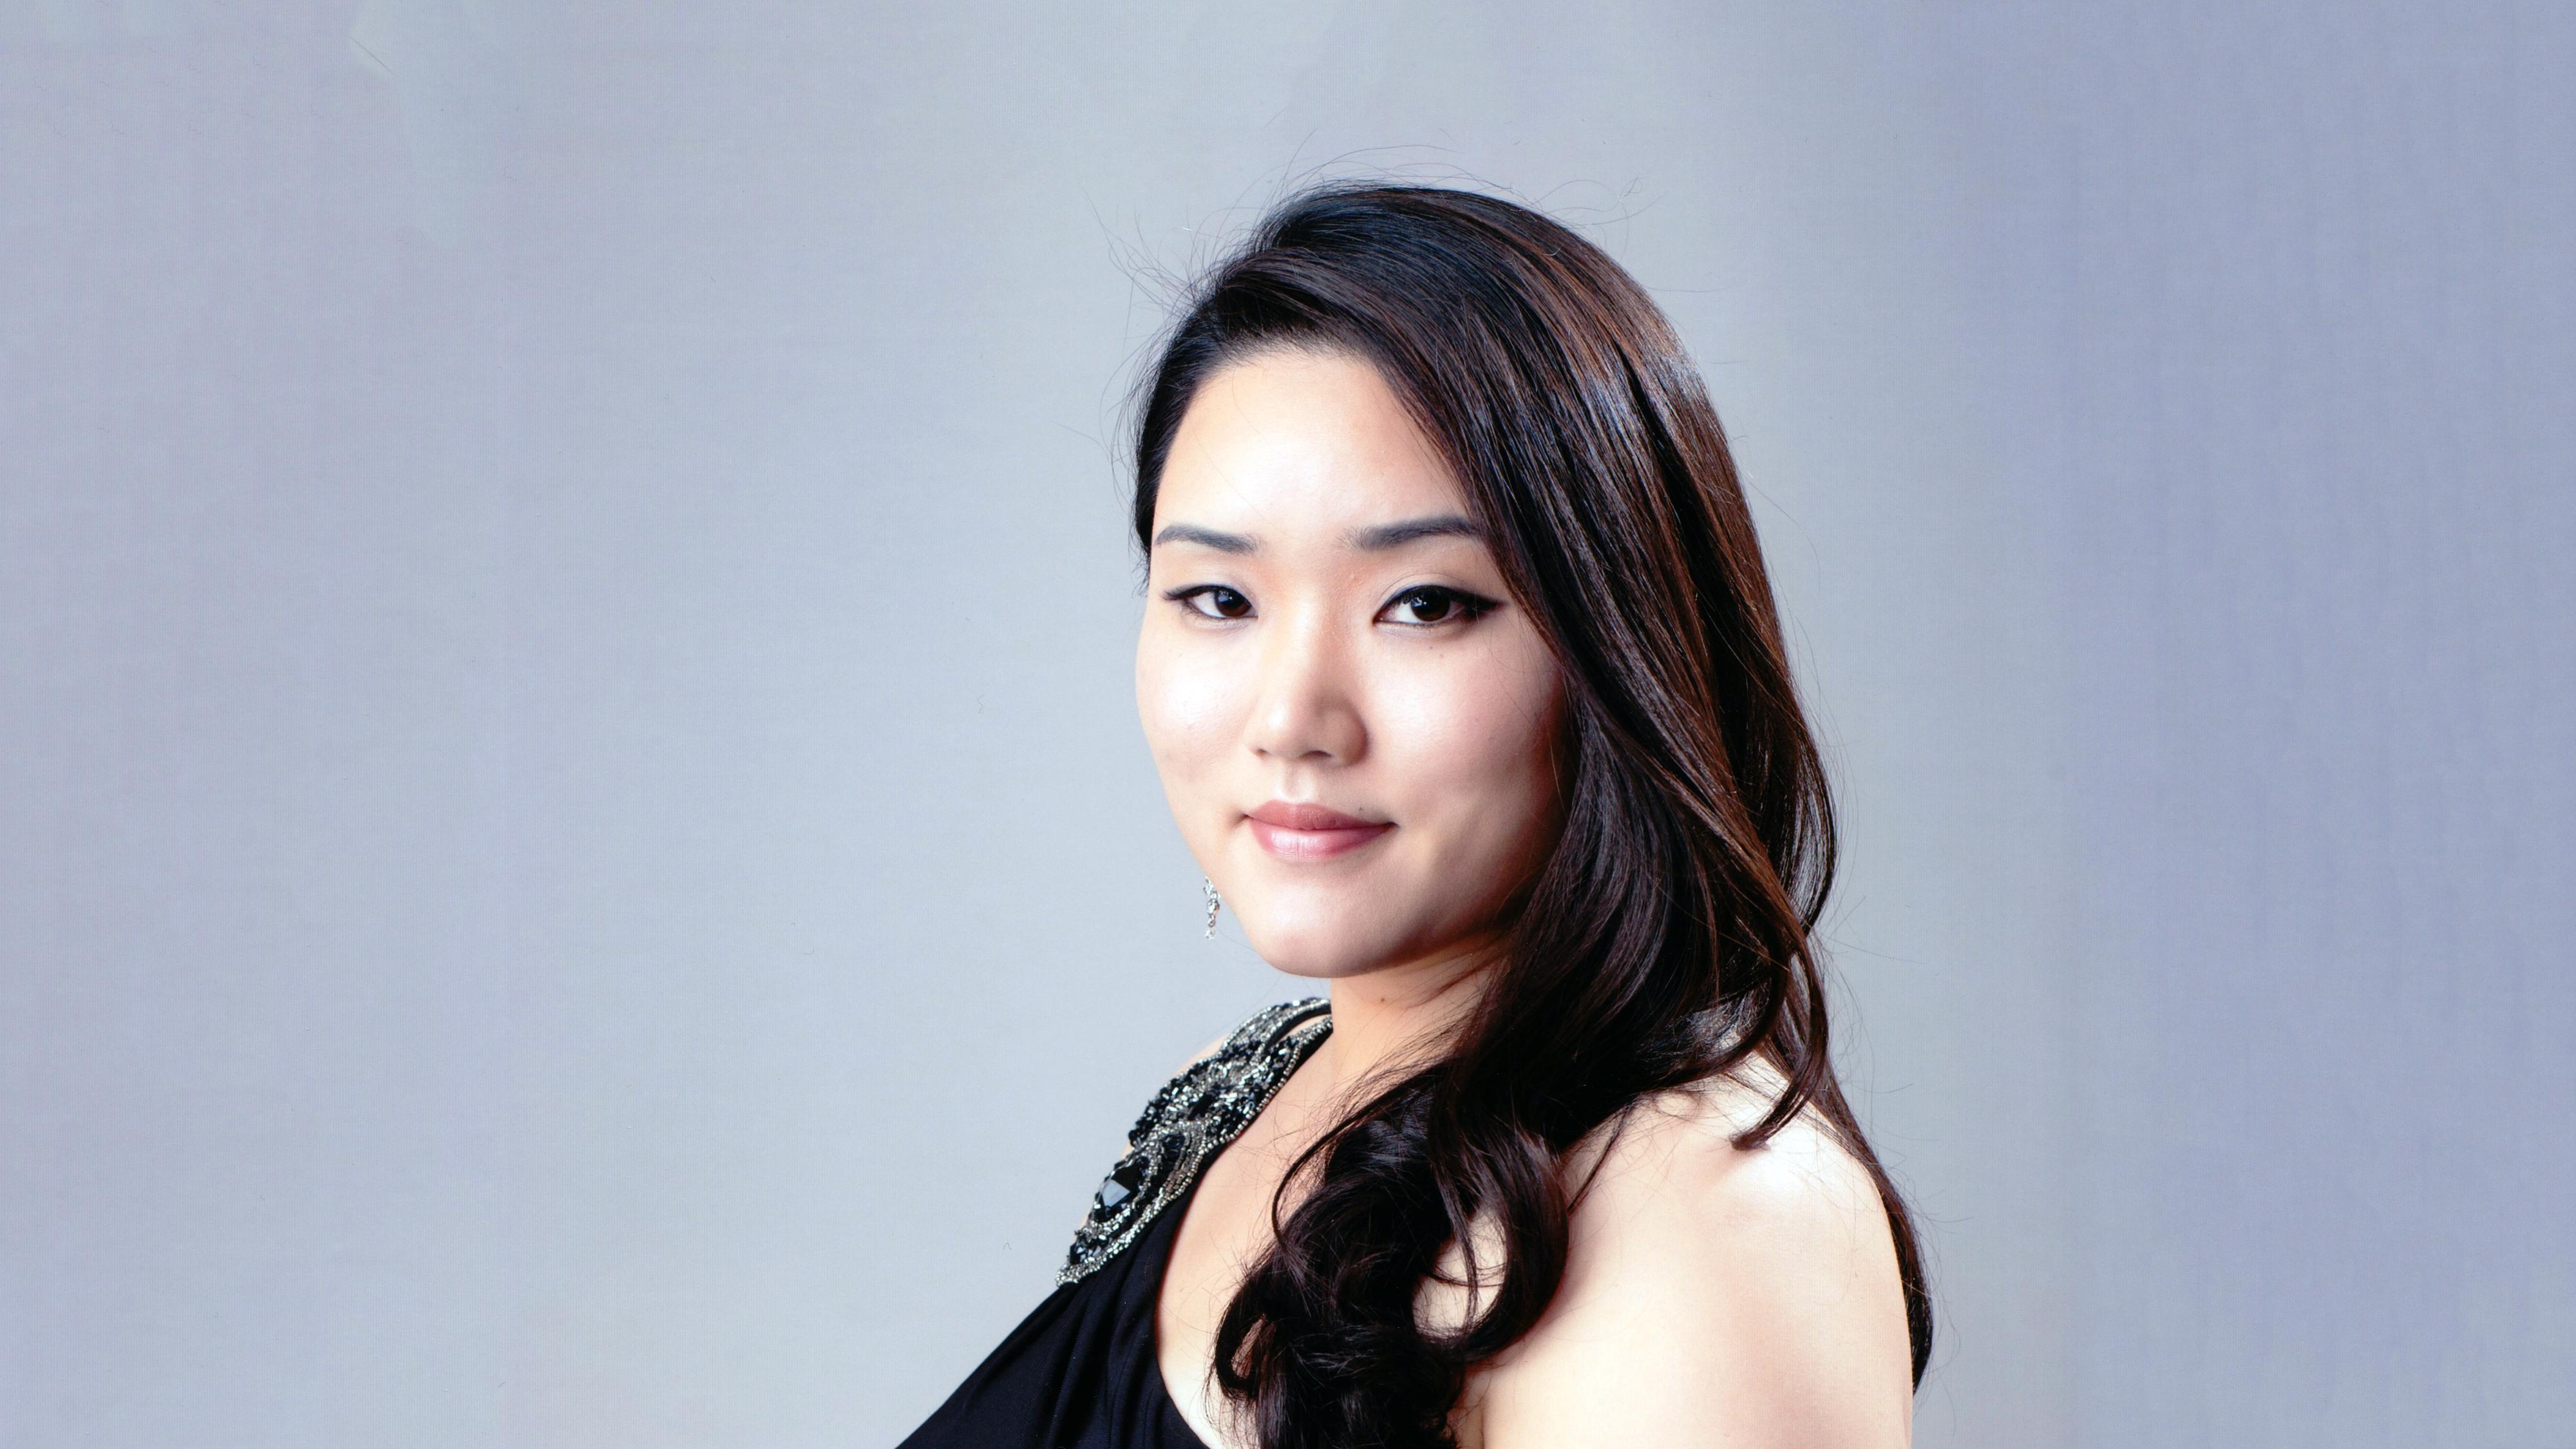 Yunji Shim